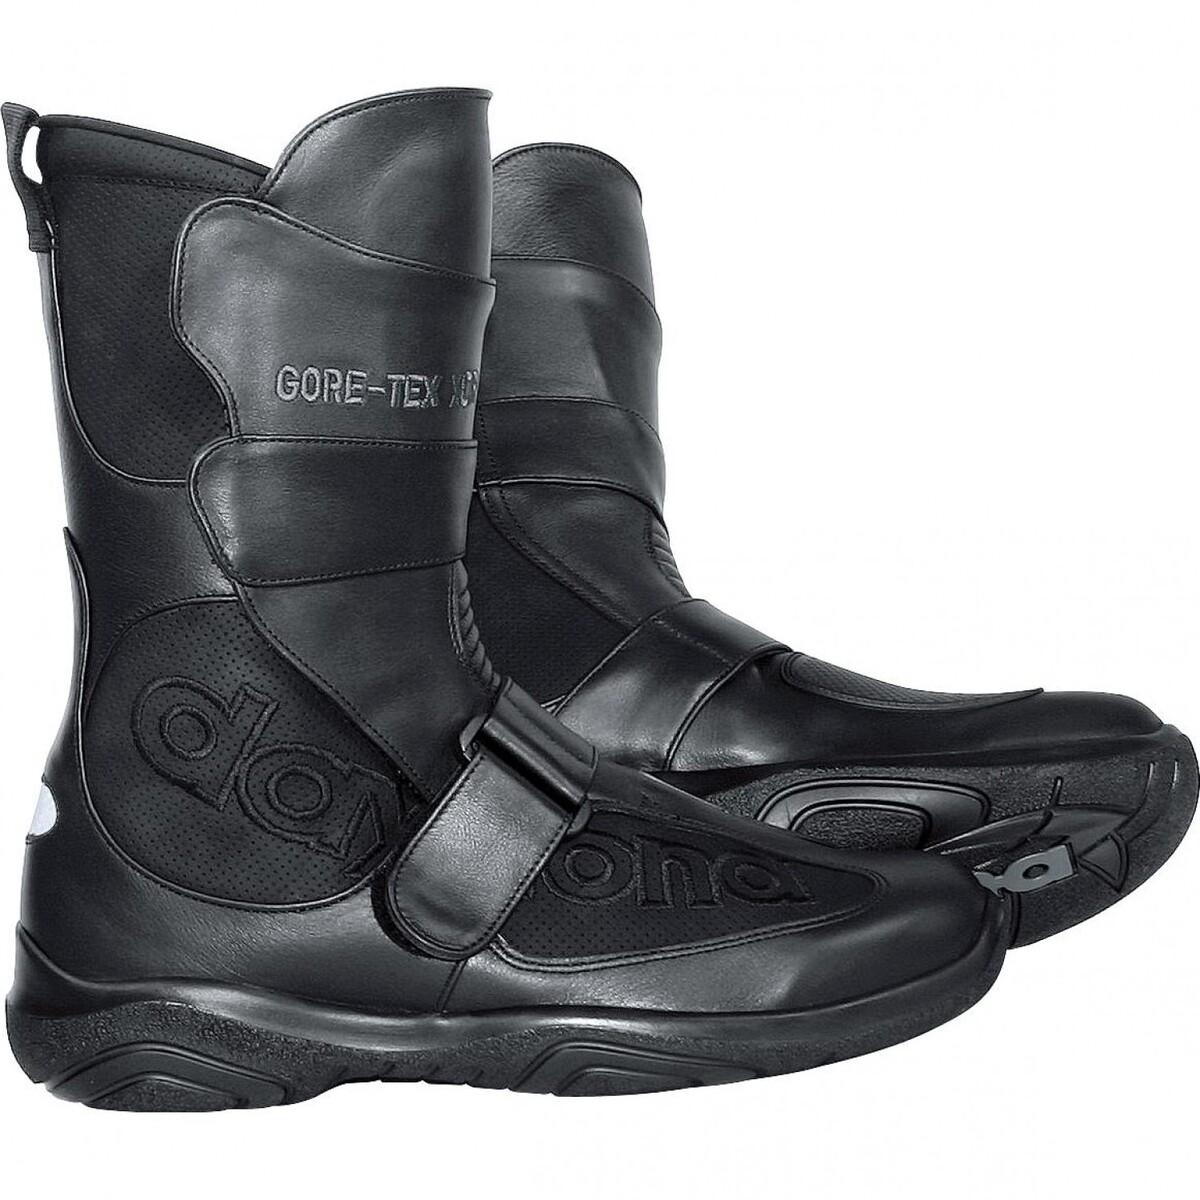 Bild 1 von Daytona Boots Burdit XCR Stiefel Motorradstiefel schwarz Herren Größe 41